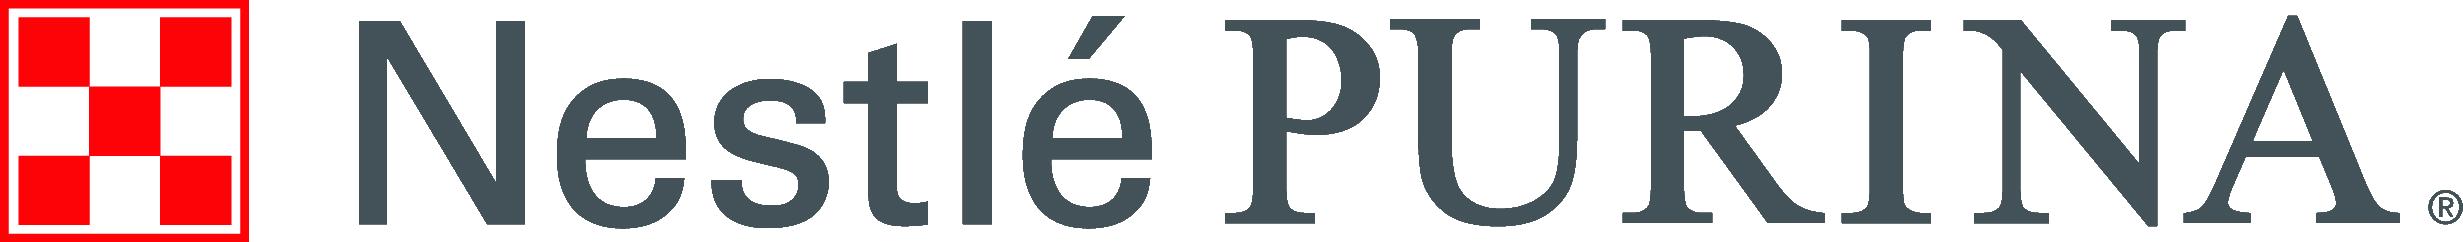 Nestlé_Purina_Petcare_Corporate_Logo